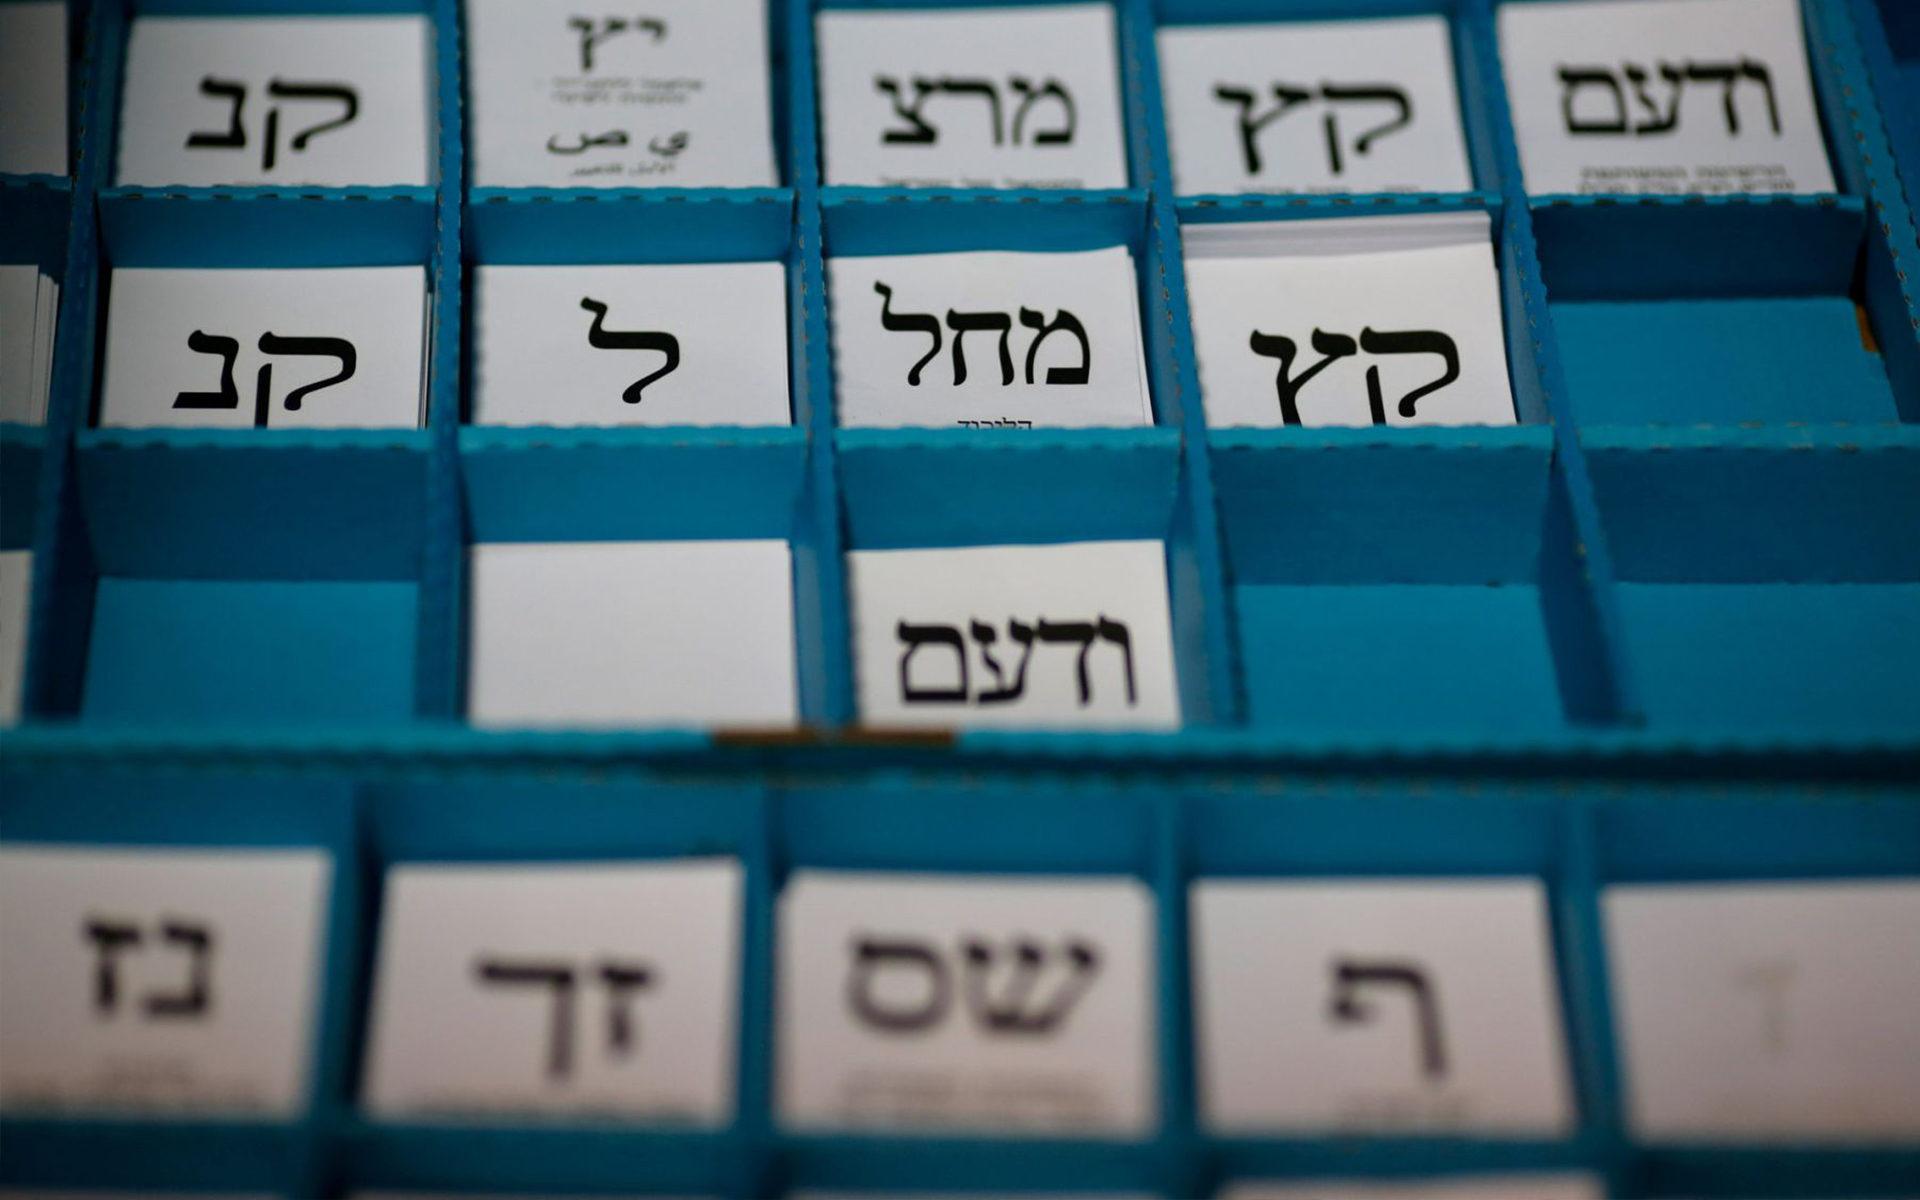 Очередные внеочередные: Израиль на пути к досрочным выборам 2019 г.